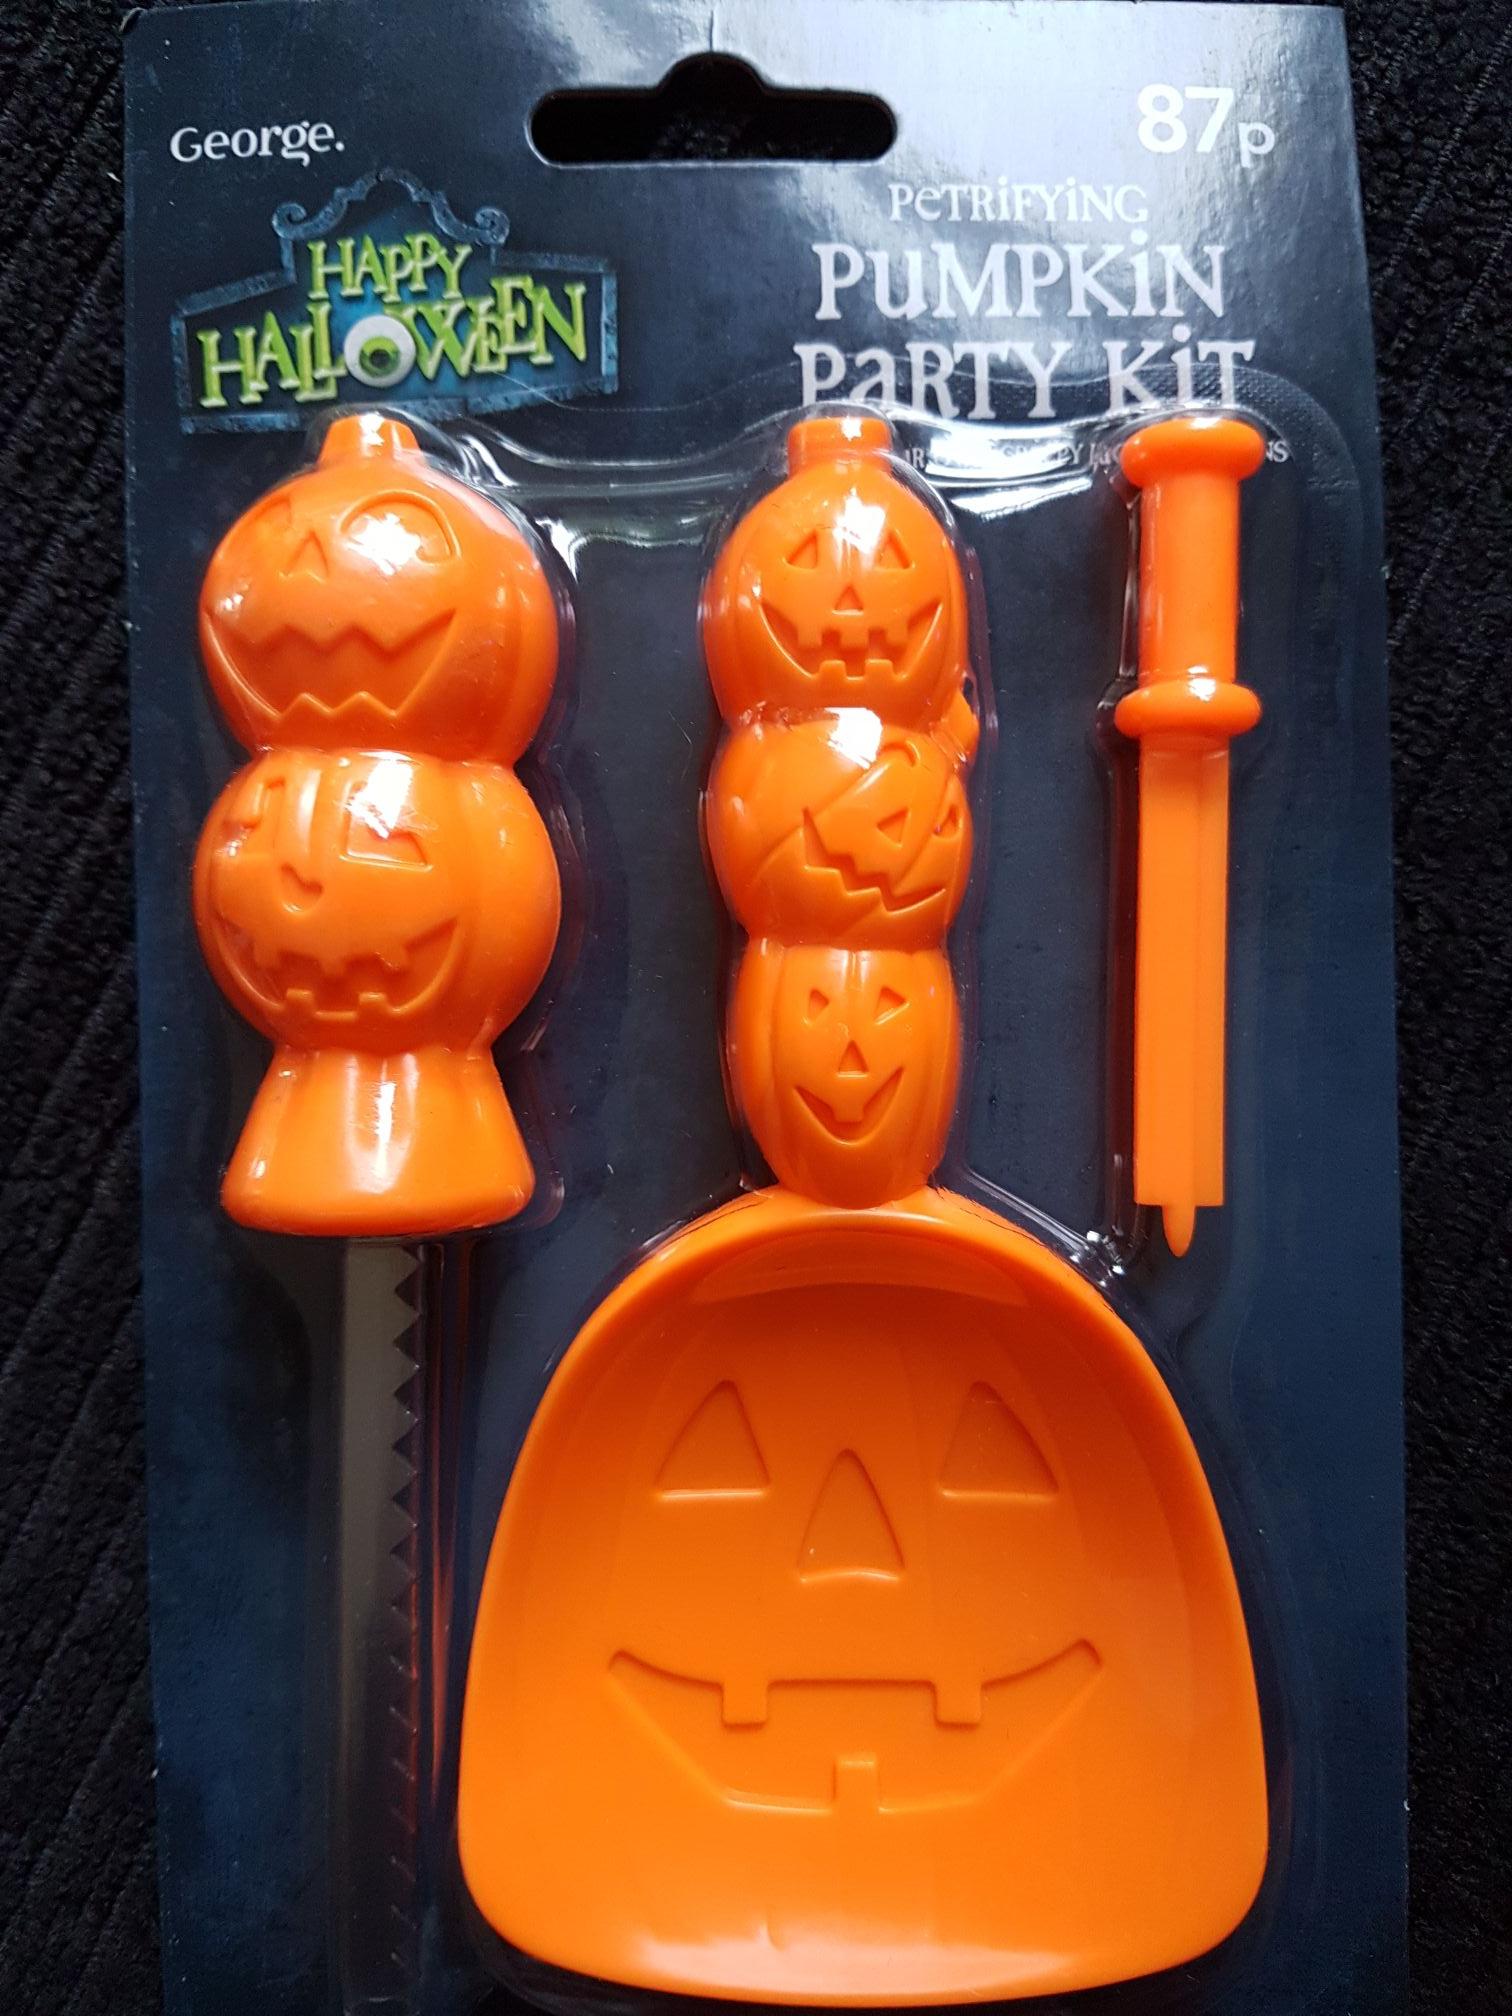 Pumpkin Carving Kit 87p instore @ Asda